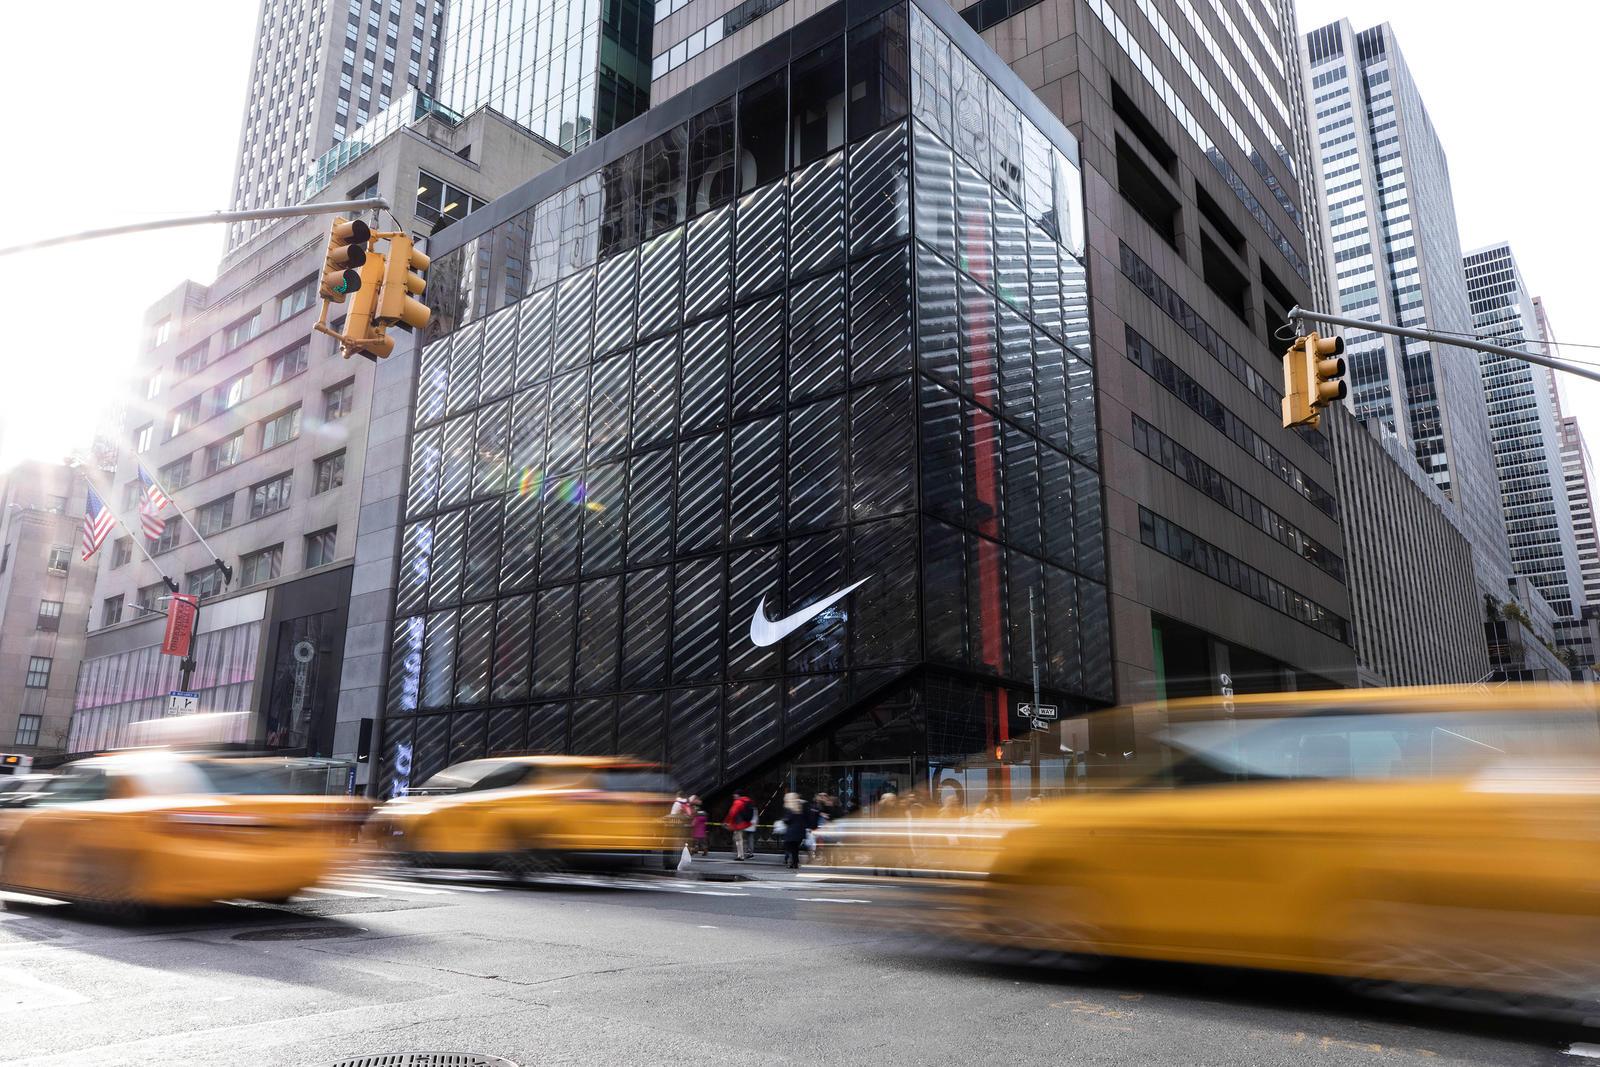 Detalle de la fachada de la flagship store de Nike en Nueva York